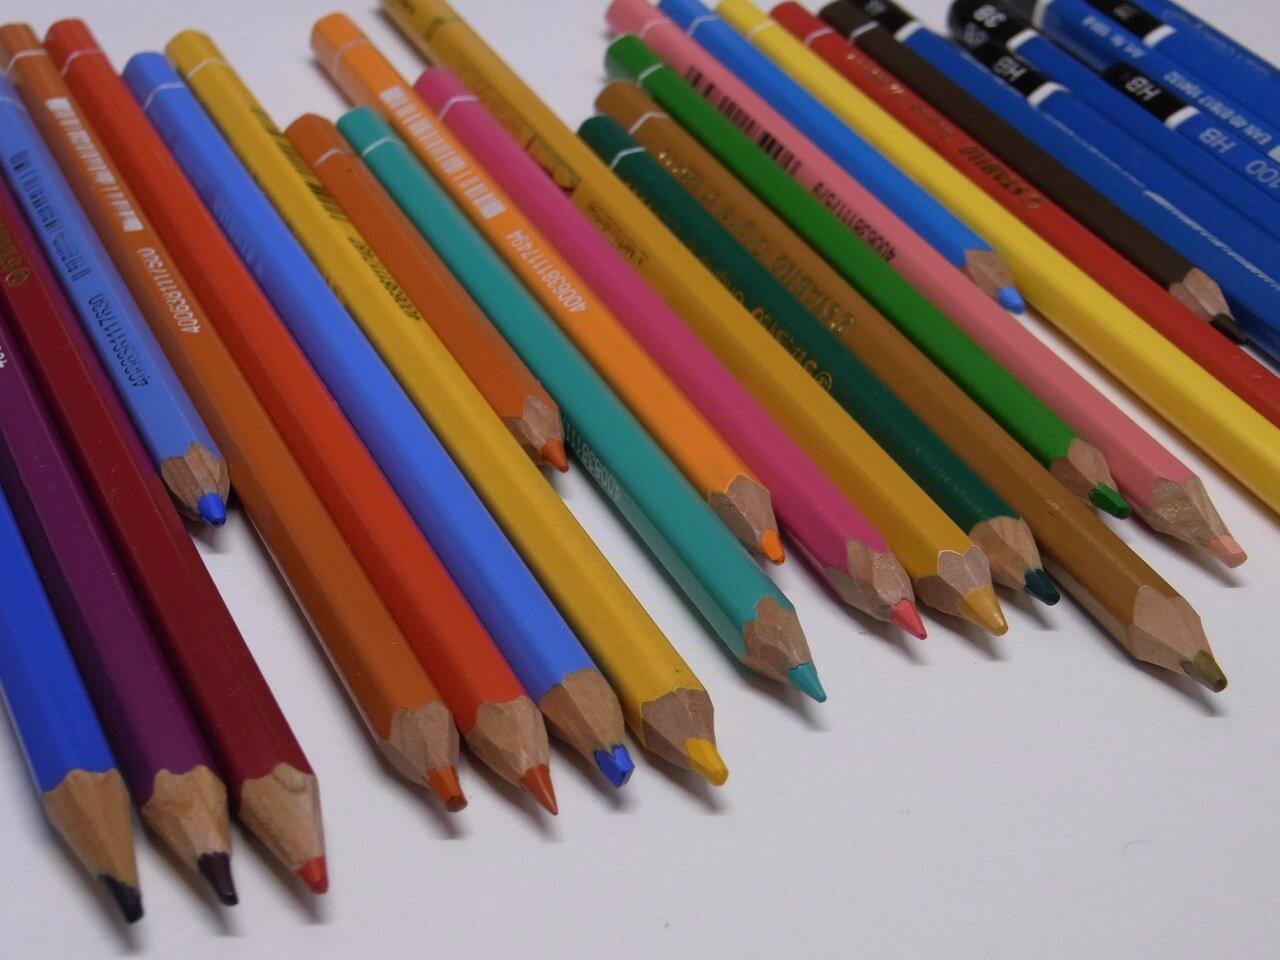 """<span class=""""color-picker"""" style=""""color: rgb(91, 91, 91);"""">ずっと頑張ってくれている色鉛筆と鉛筆たち。もう少しだけ付き合ってね!</span>"""